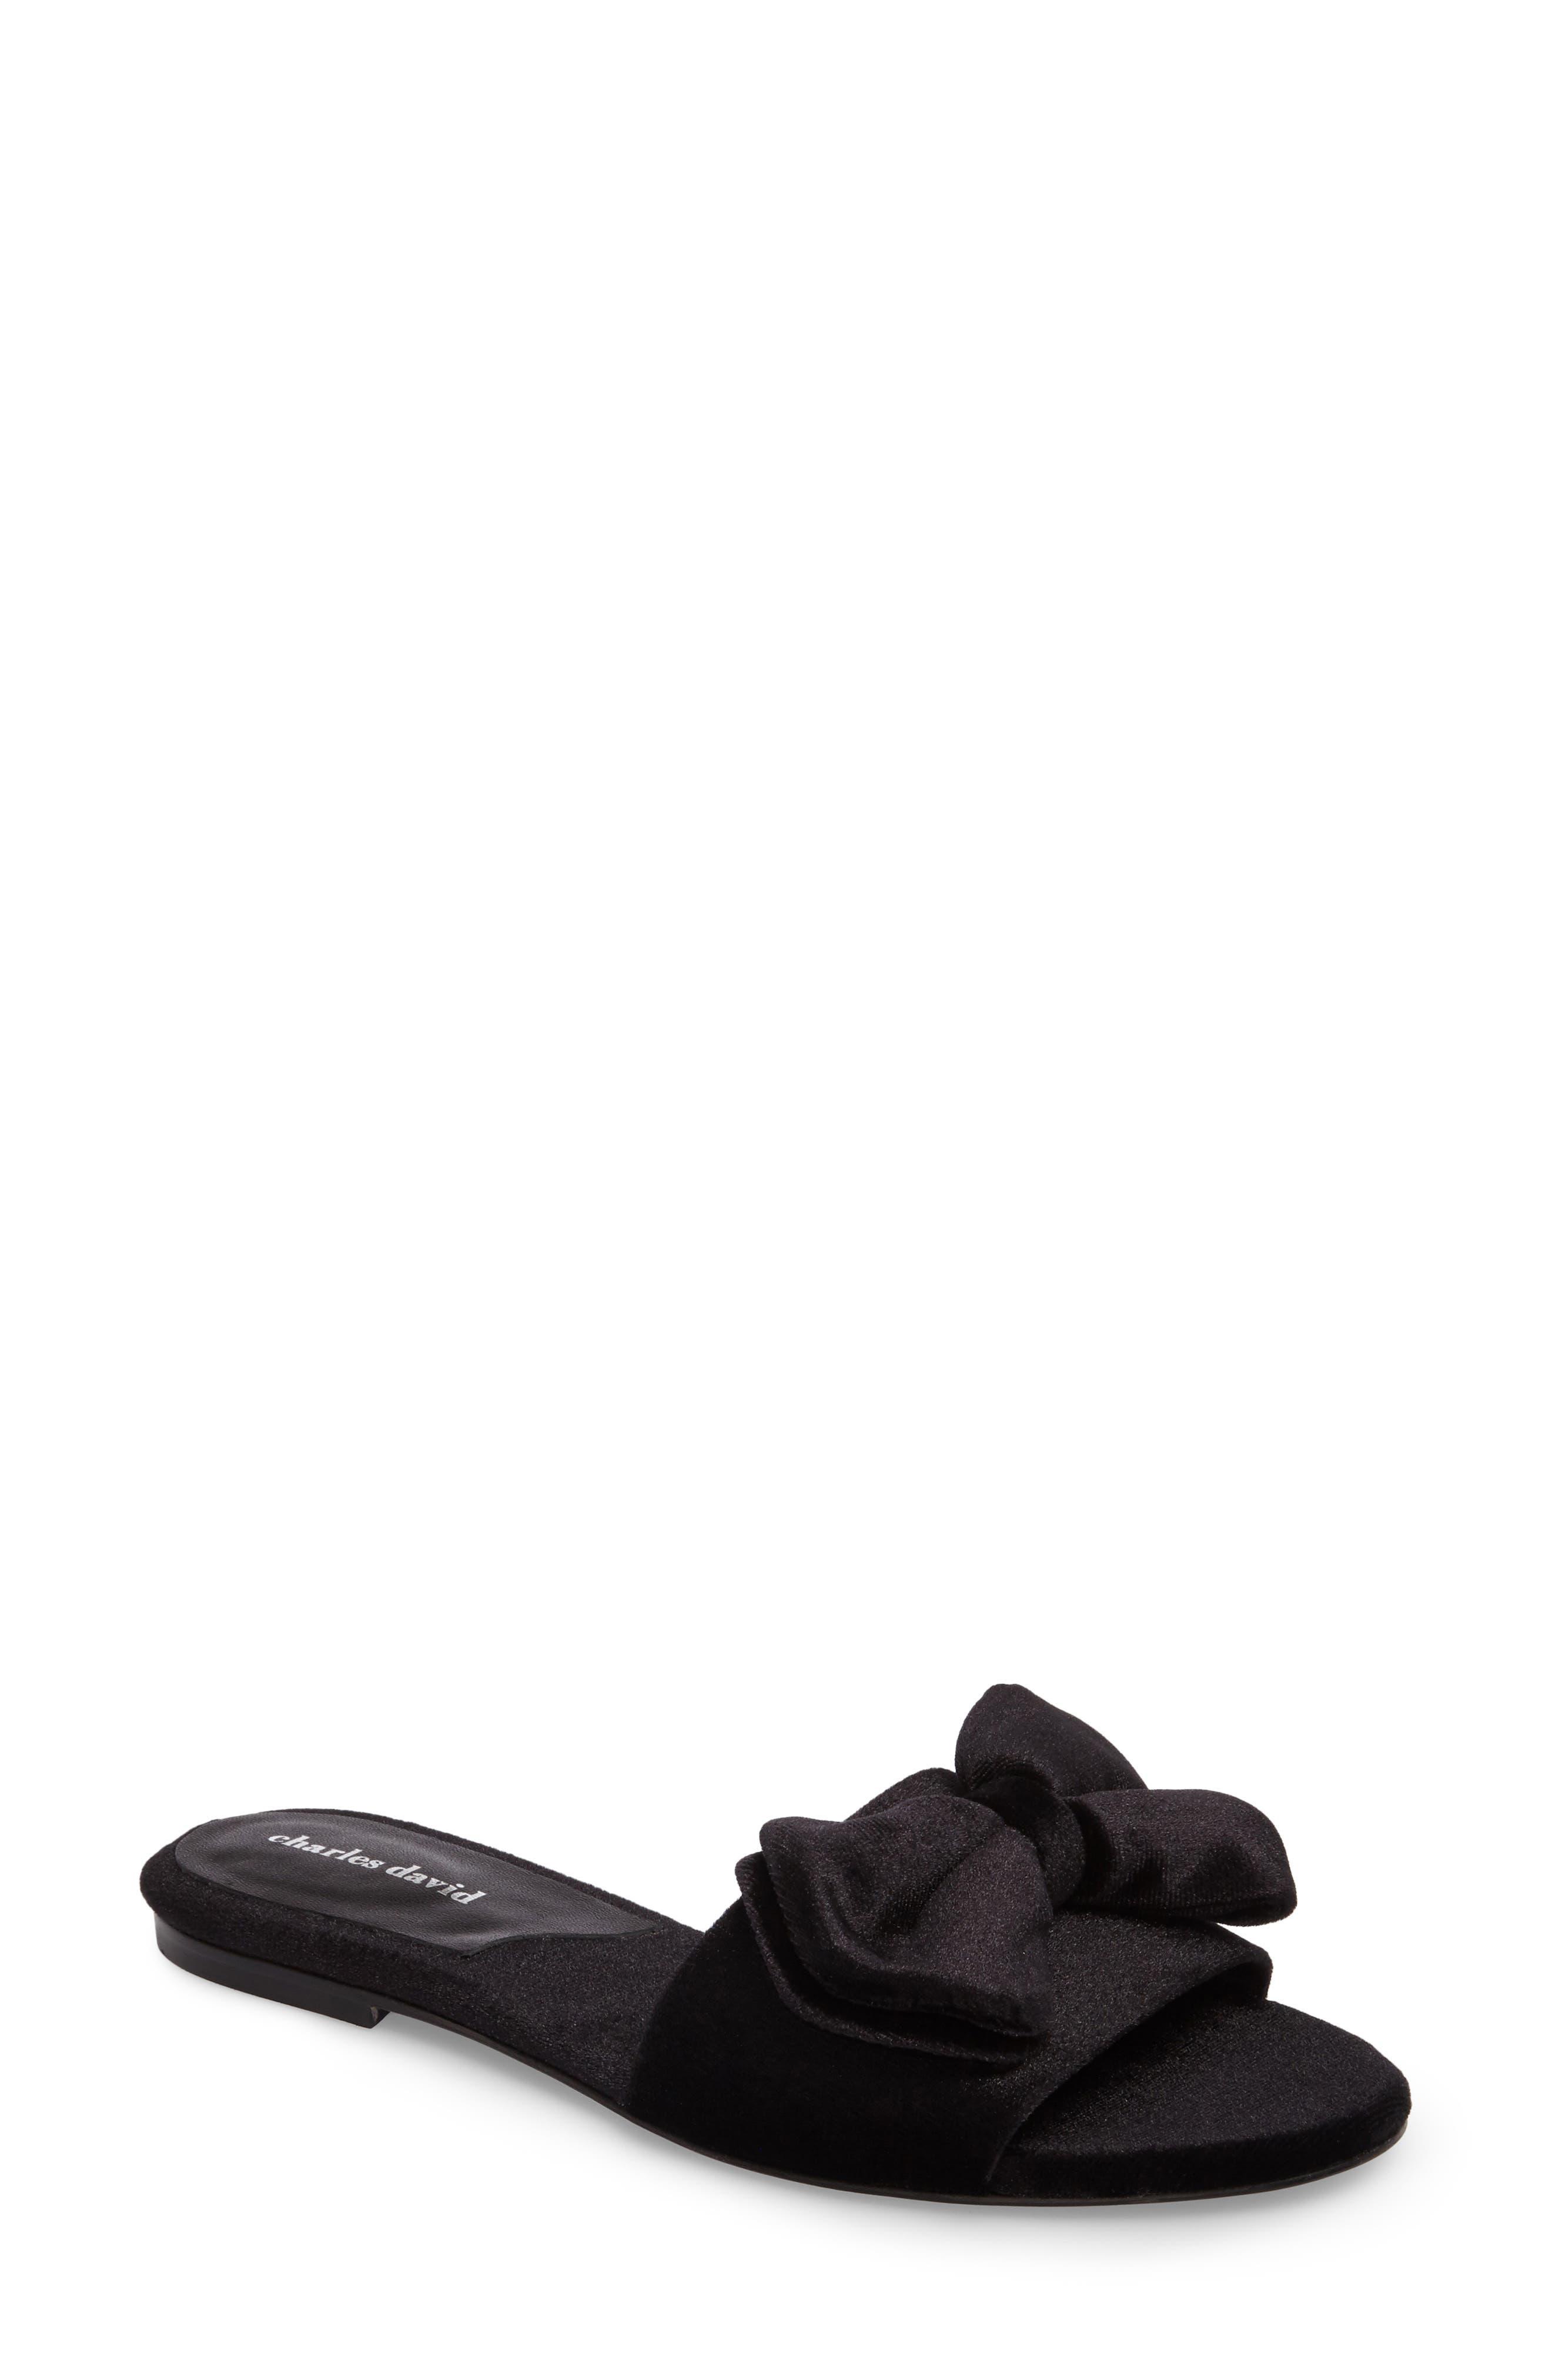 Bow Slide Sandal,                         Main,                         color, Black Velvet